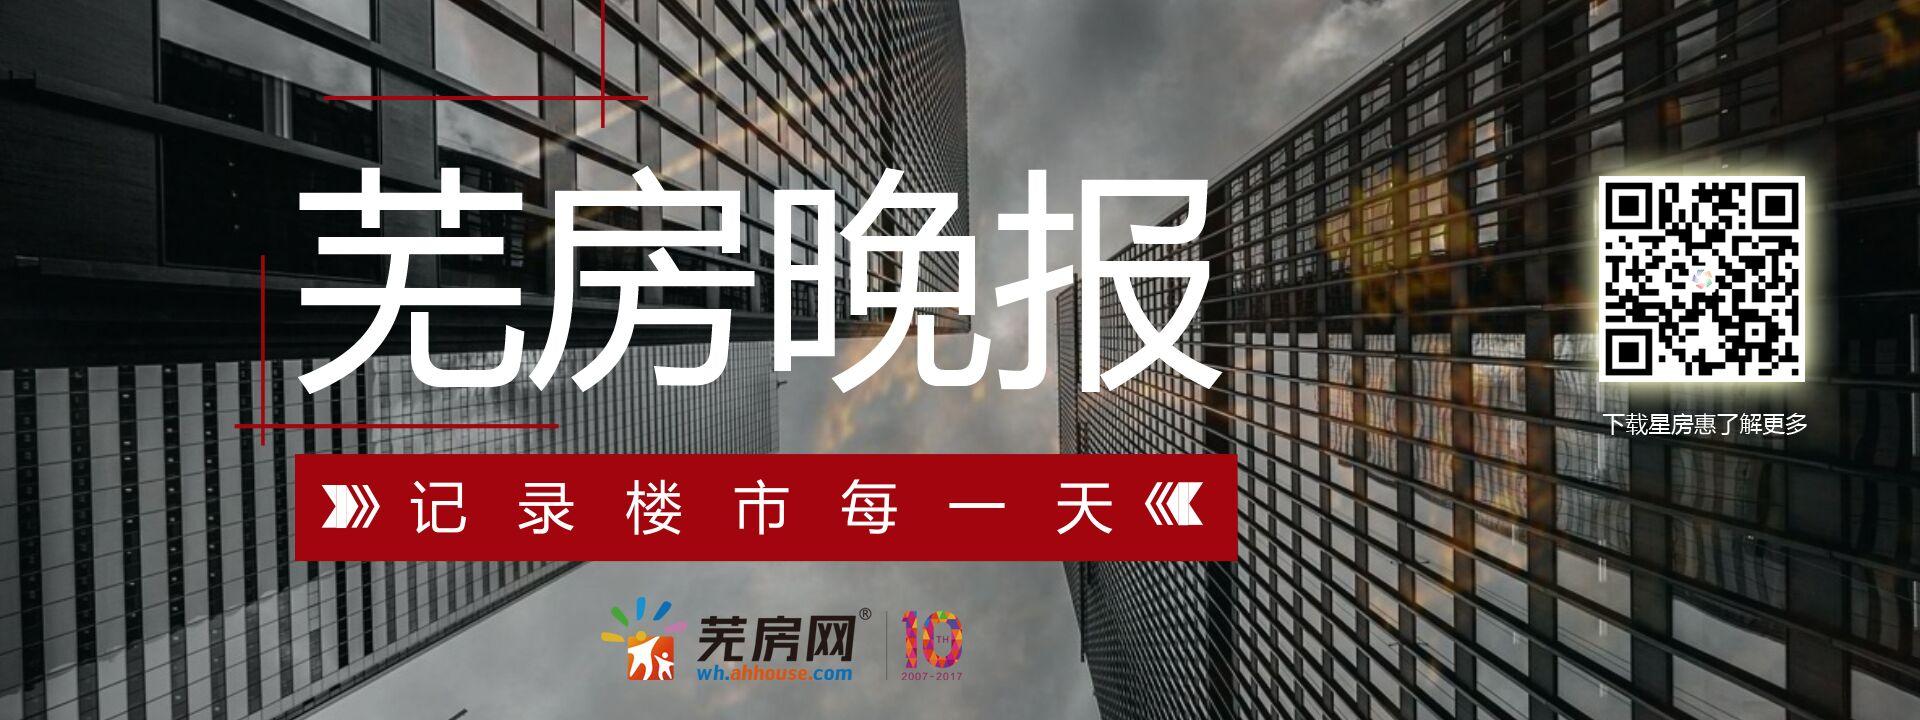 9.22芜房晚报:芜湖公积金政策调整 附贷款攻略